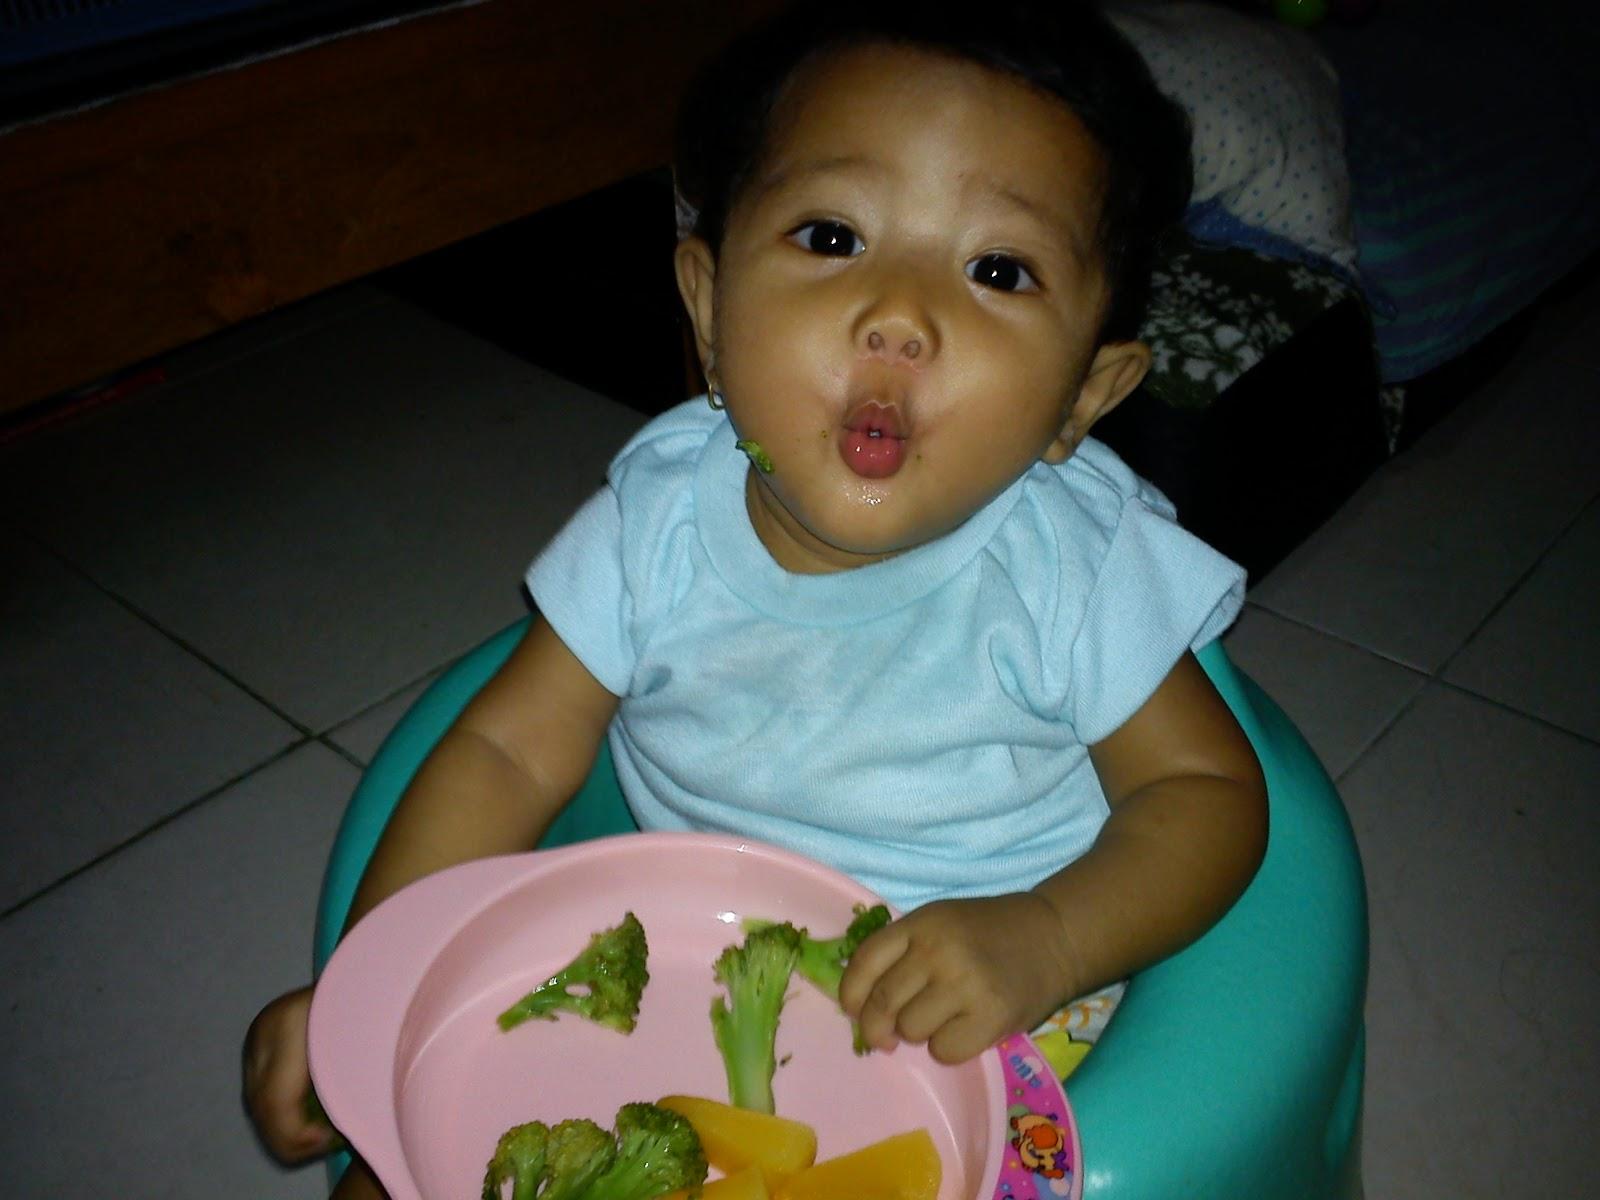 Makanan untuk bayi umur 4 bulan?